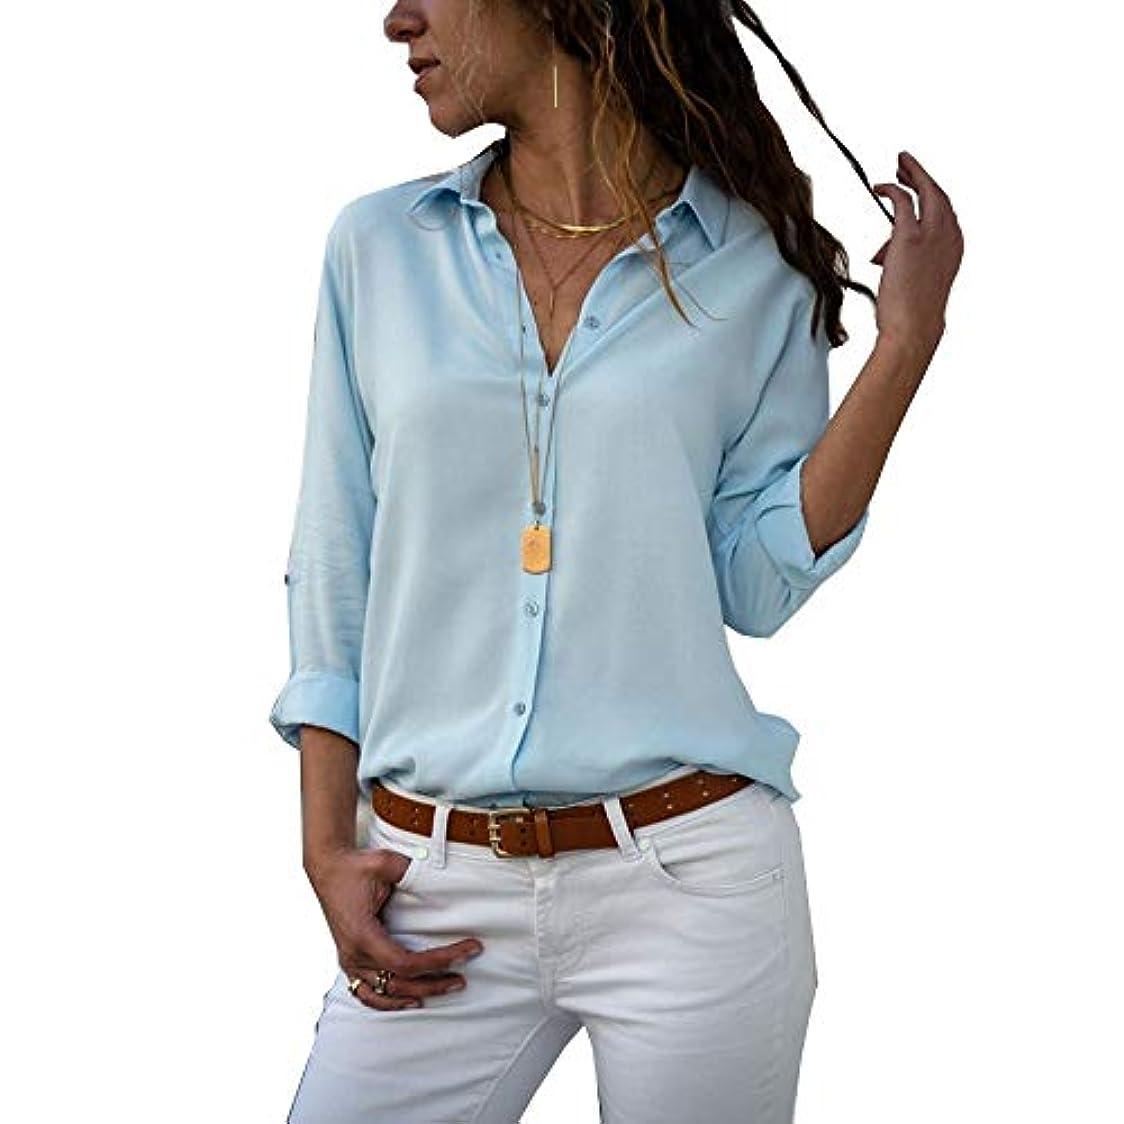 バットタンク申し立てるMIFAN ルーズシャツ、トップス&Tシャツ、プラスサイズ、トップス&ブラウス、シフォンブラウス、女性トップス、シフォンシャツ